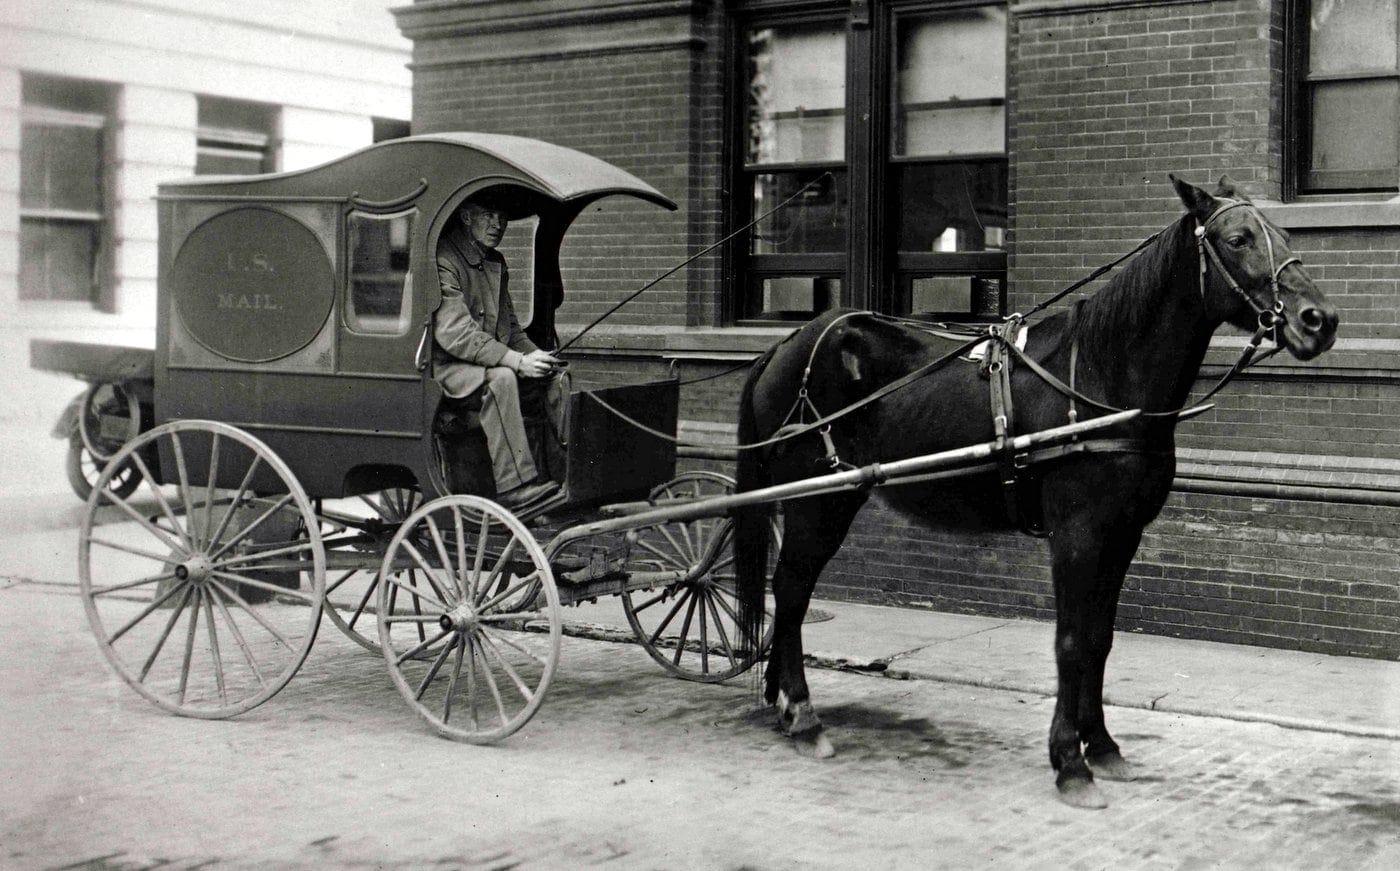 City mail wagon - USPS 1905